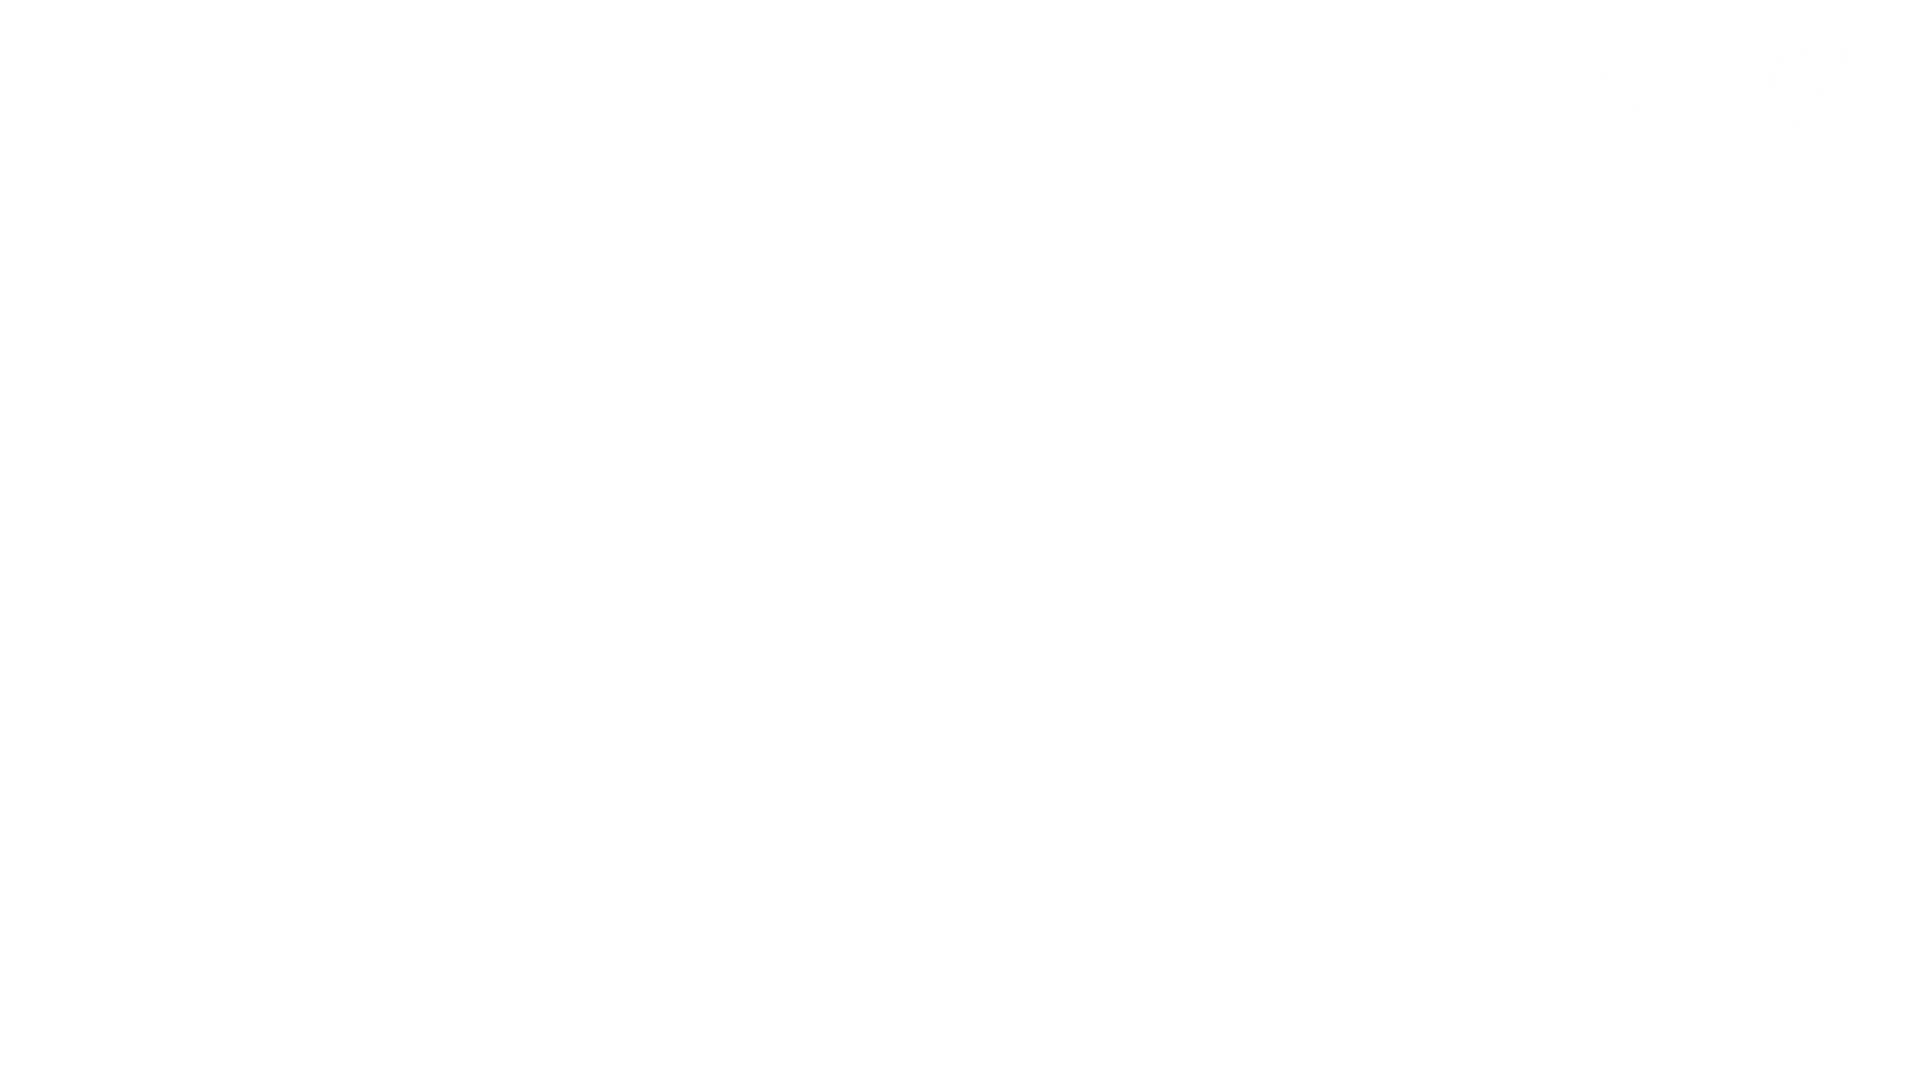 ▲復活限定▲ハイビジョン 盗神伝 Vol.5 OLのボディ   期間限定  69PIX 19